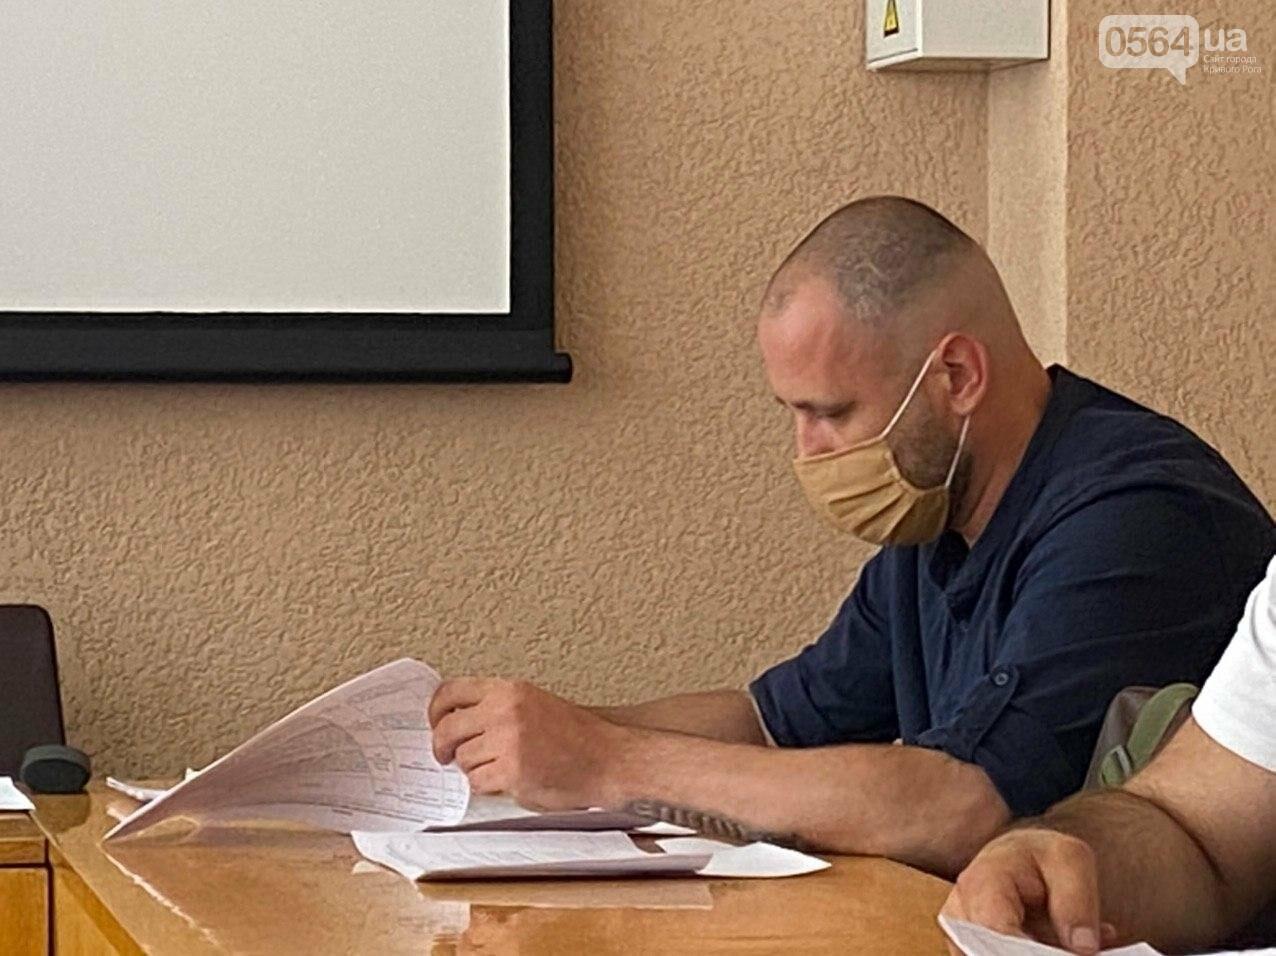 В Кривом Роге состоялось заседание рабочей группы по выплате 30 миллионов на покупку жилья бойцам АТО, - ФОТО, ВИДЕО, фото-3